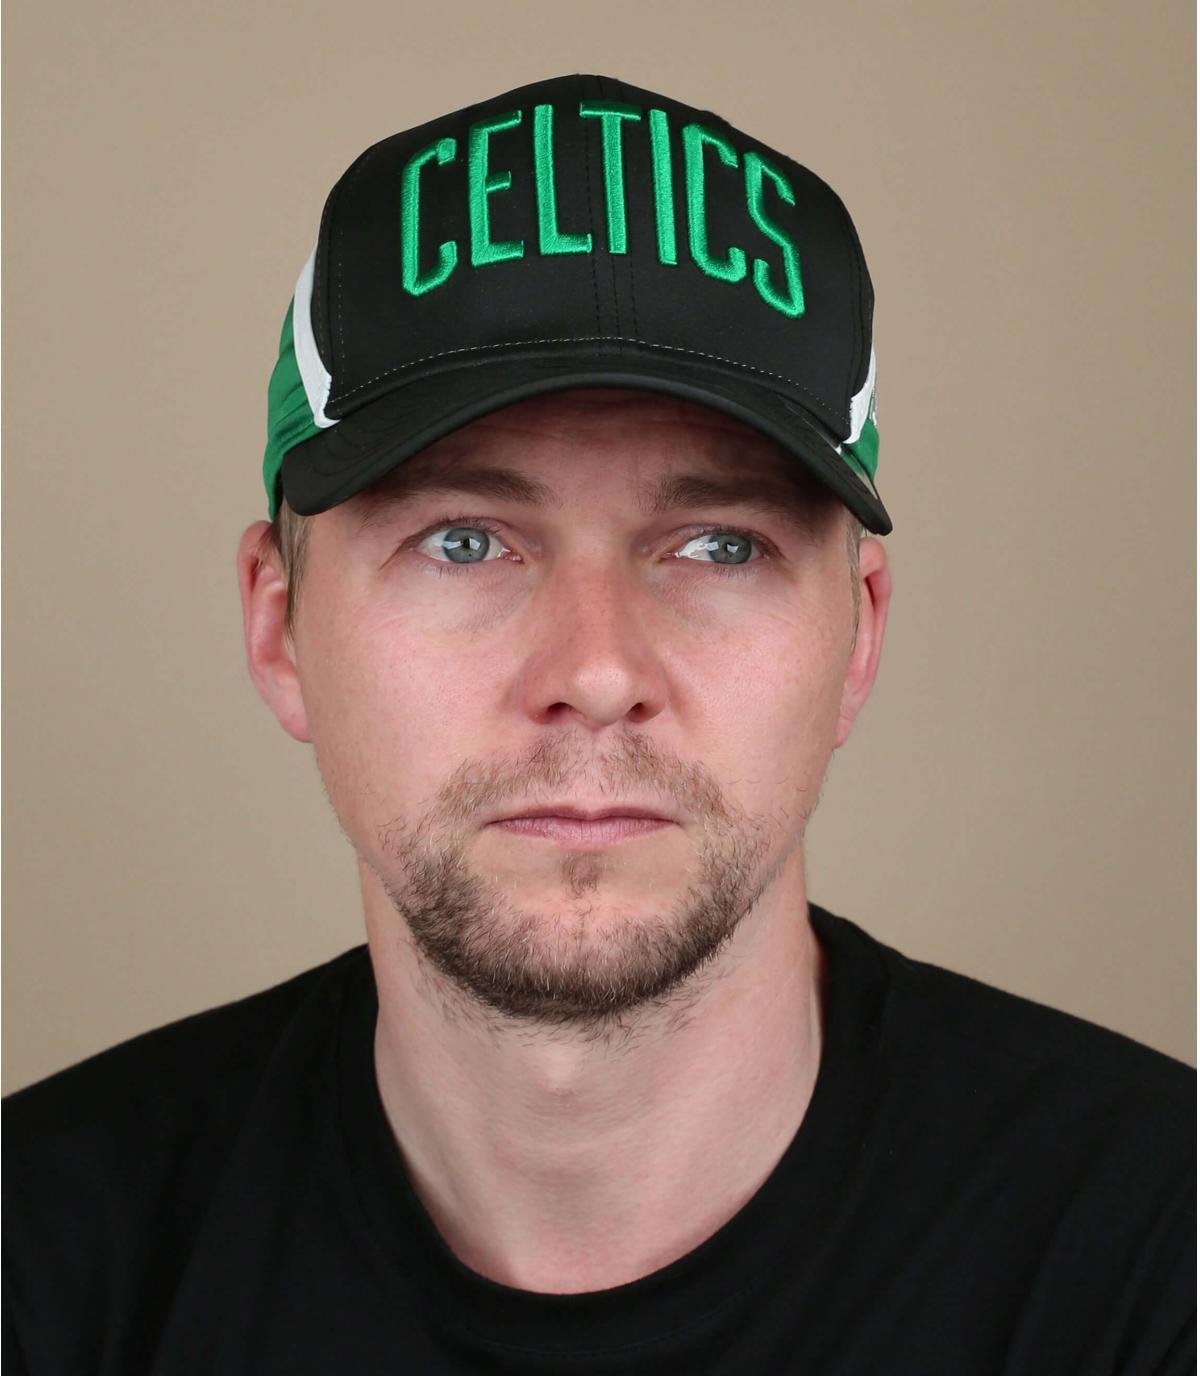 Cap Celtics schwarz grün